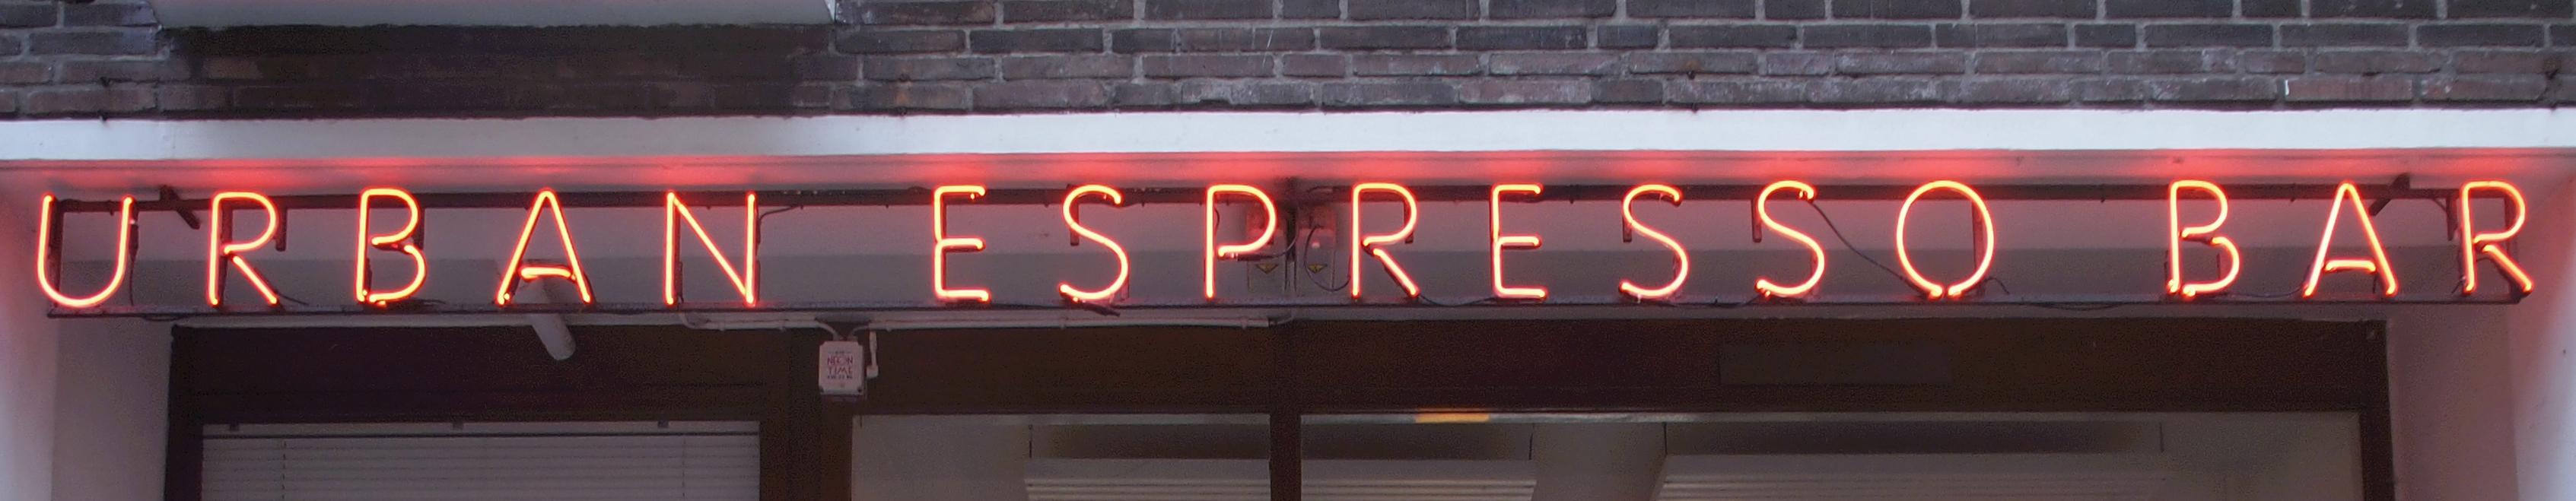 Urban Espresso Bar Rotterdam